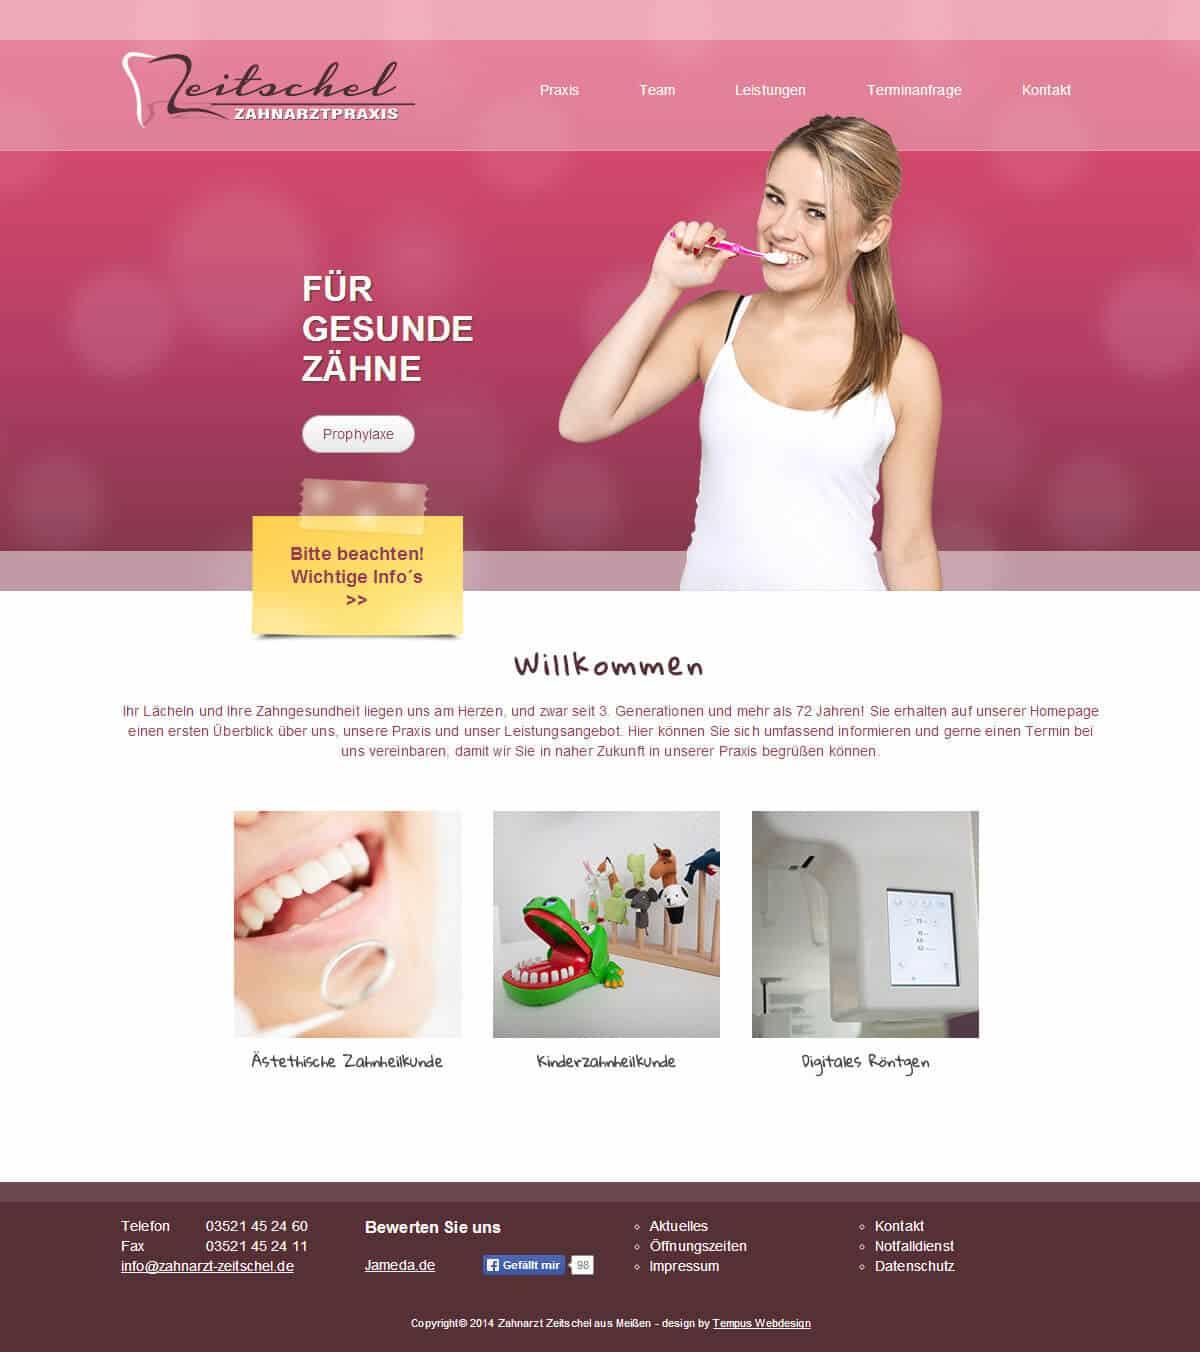 Portfolio Zahnarzt Zeitschel